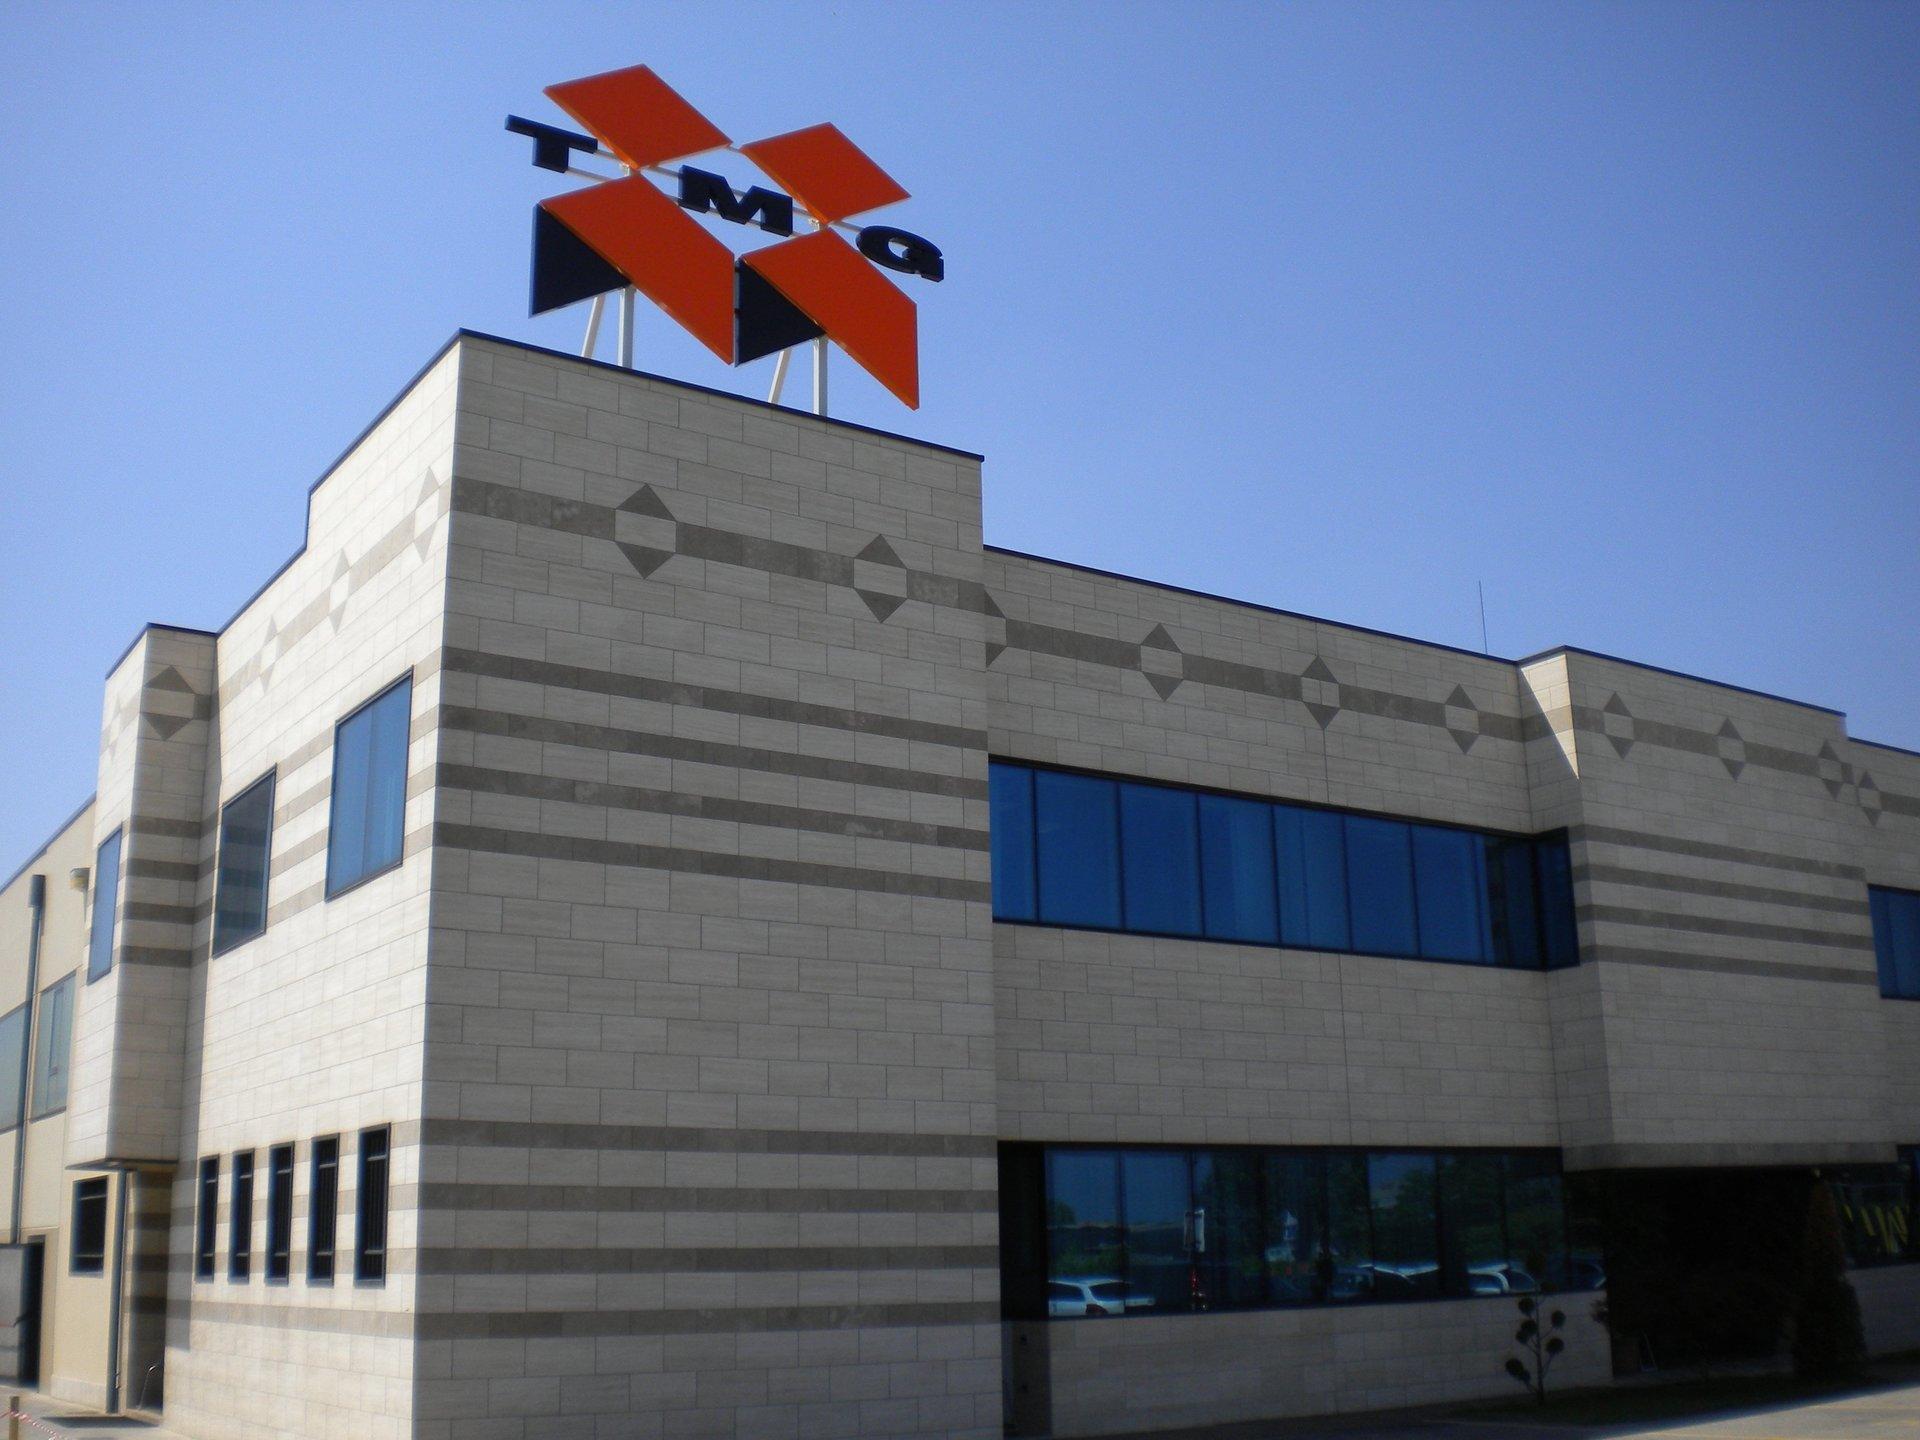 edificio con insegna luminosa tmq